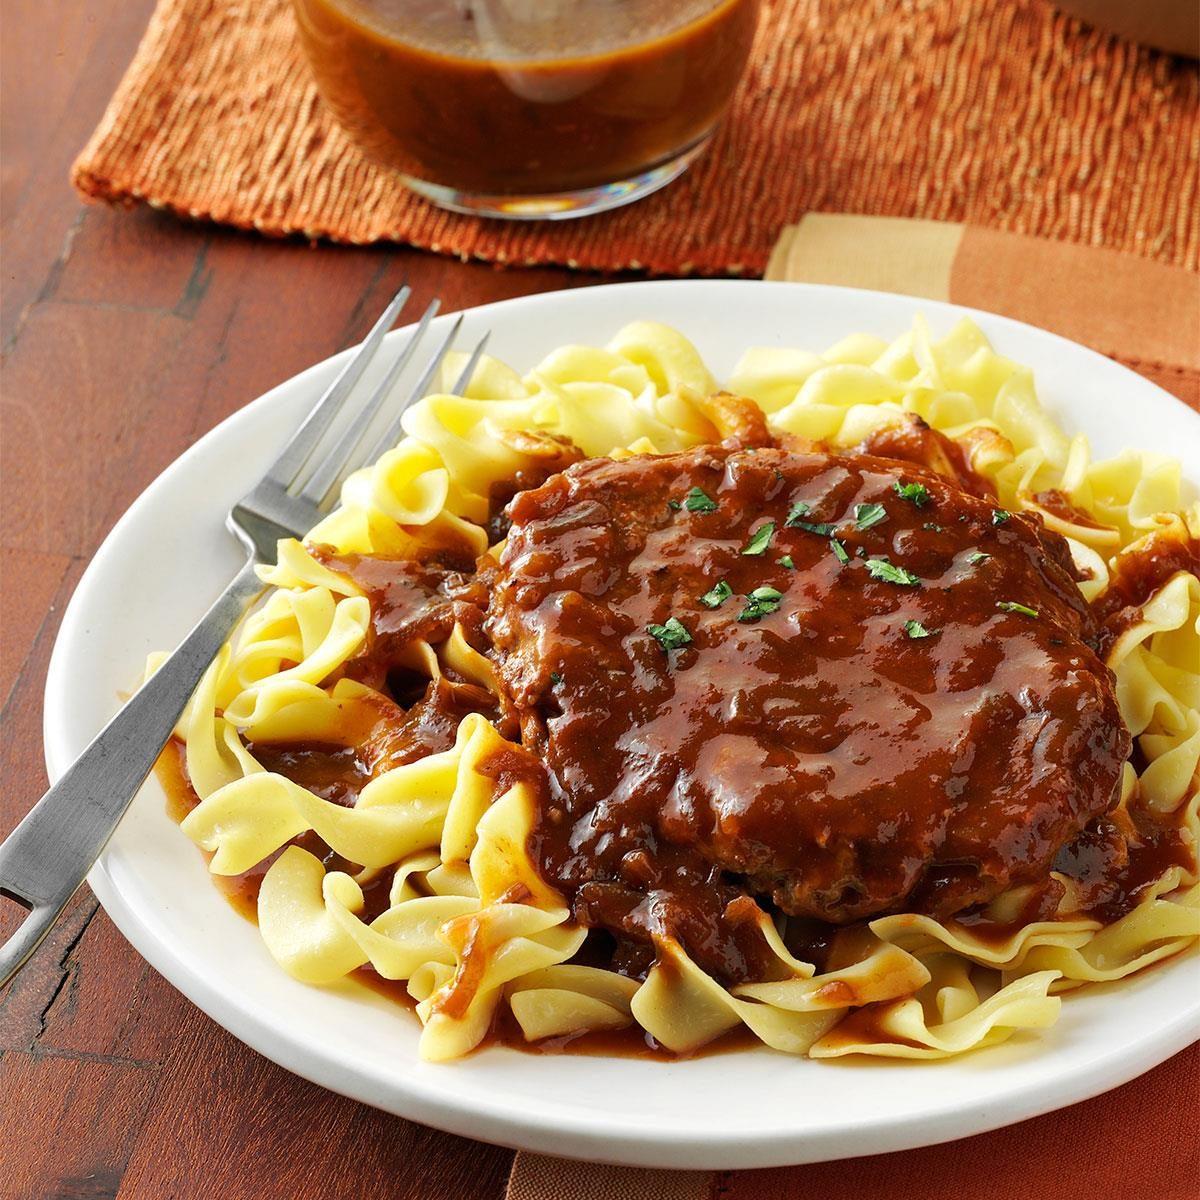 Monday: Salisbury Steak with Onion Gravy